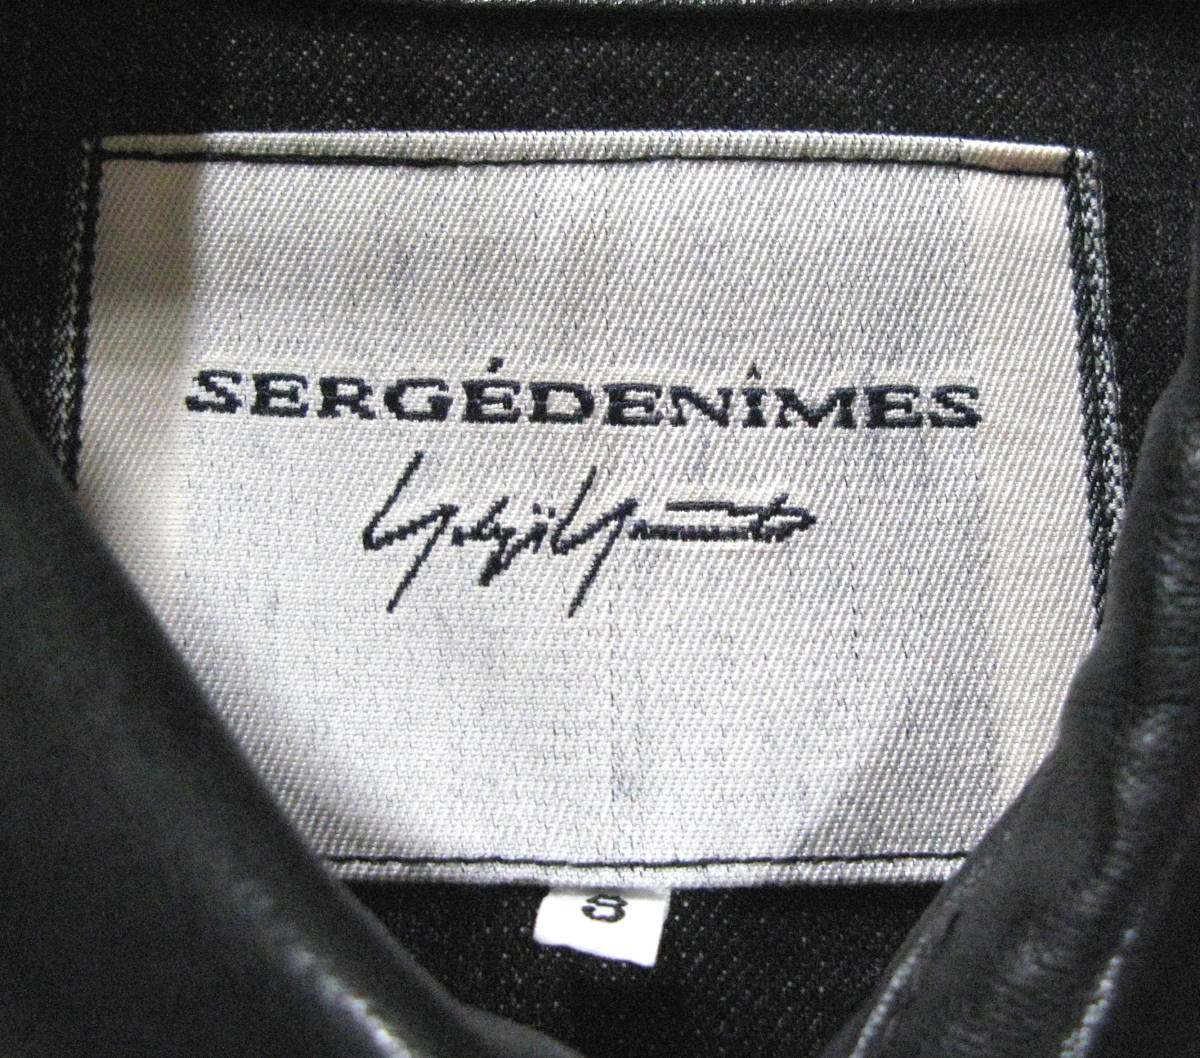 ヨウジ Yohji : ツートンカラー レザー Gジャン ( ワイズ デニム ジャケット 本革 Yohji Yamamoto leather denim jacket_画像6